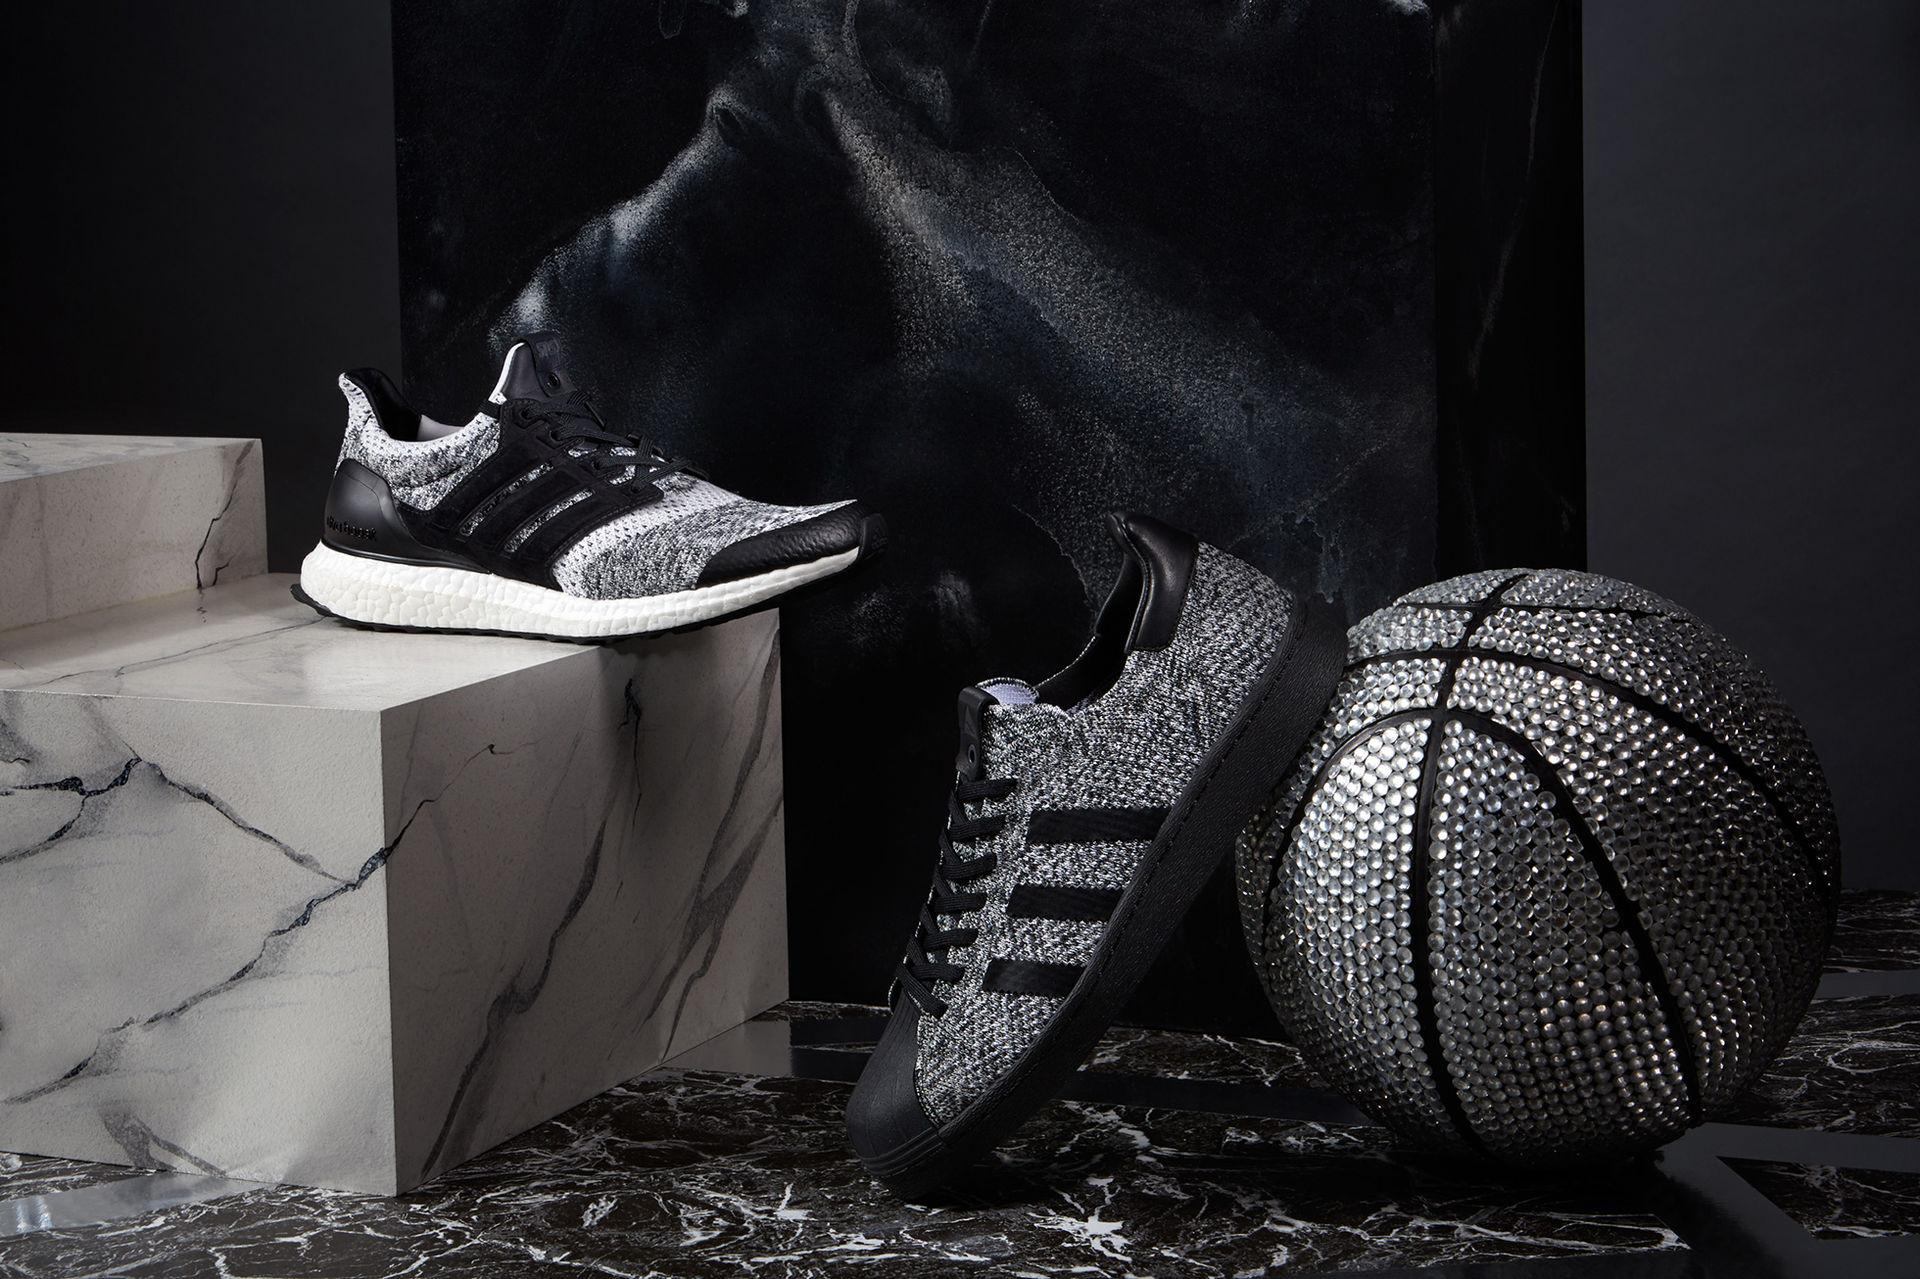 Nya skor från Sneakersnstuff och Social Status